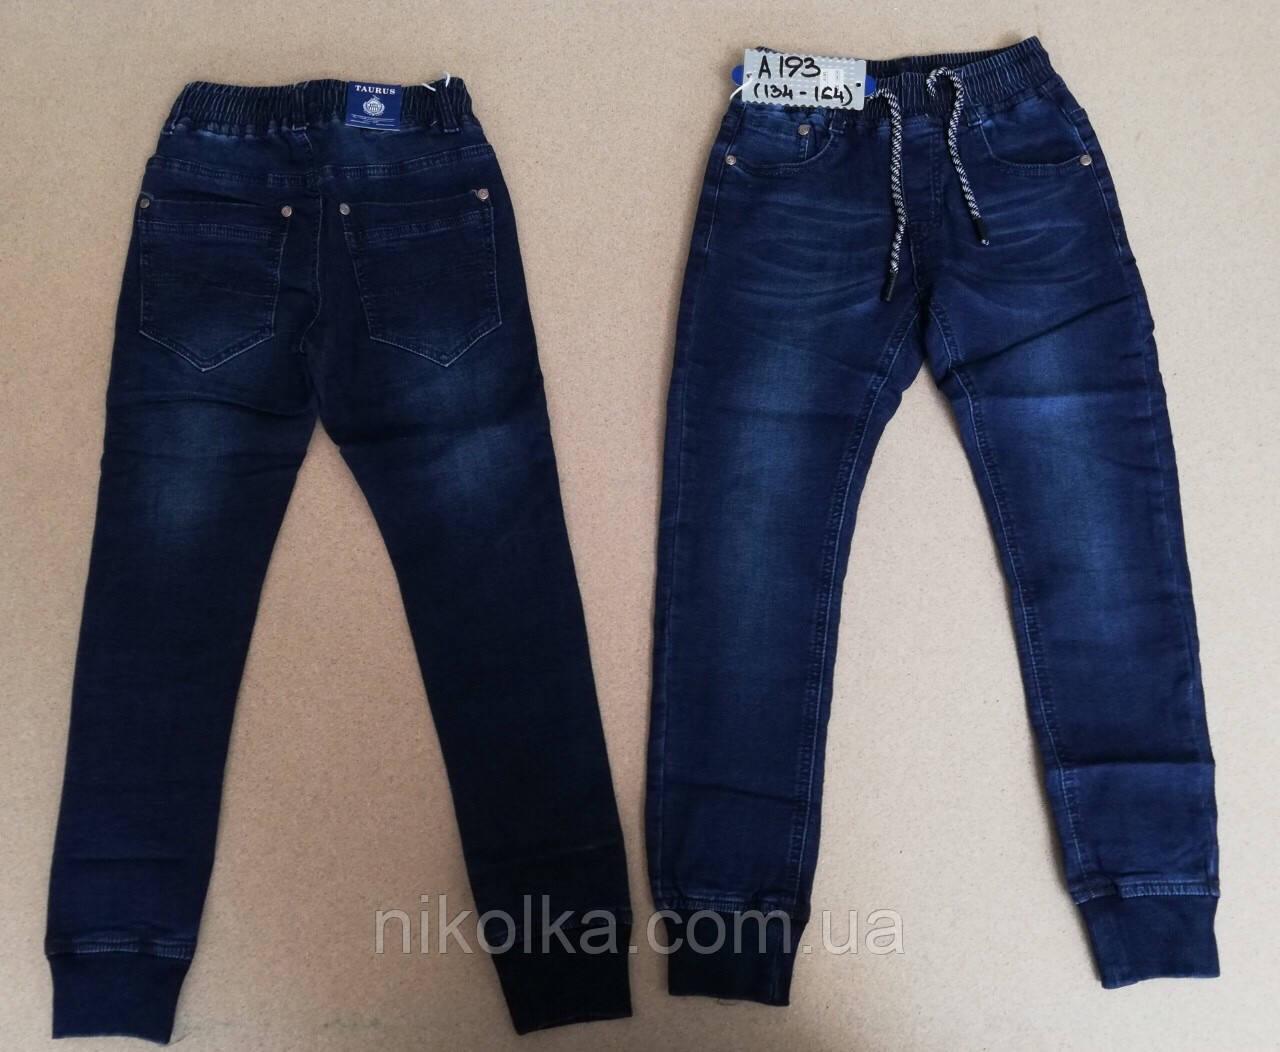 Джинсовые брюки для мальчиков оптом, Taurus, 134-164 рр., арт. A-193